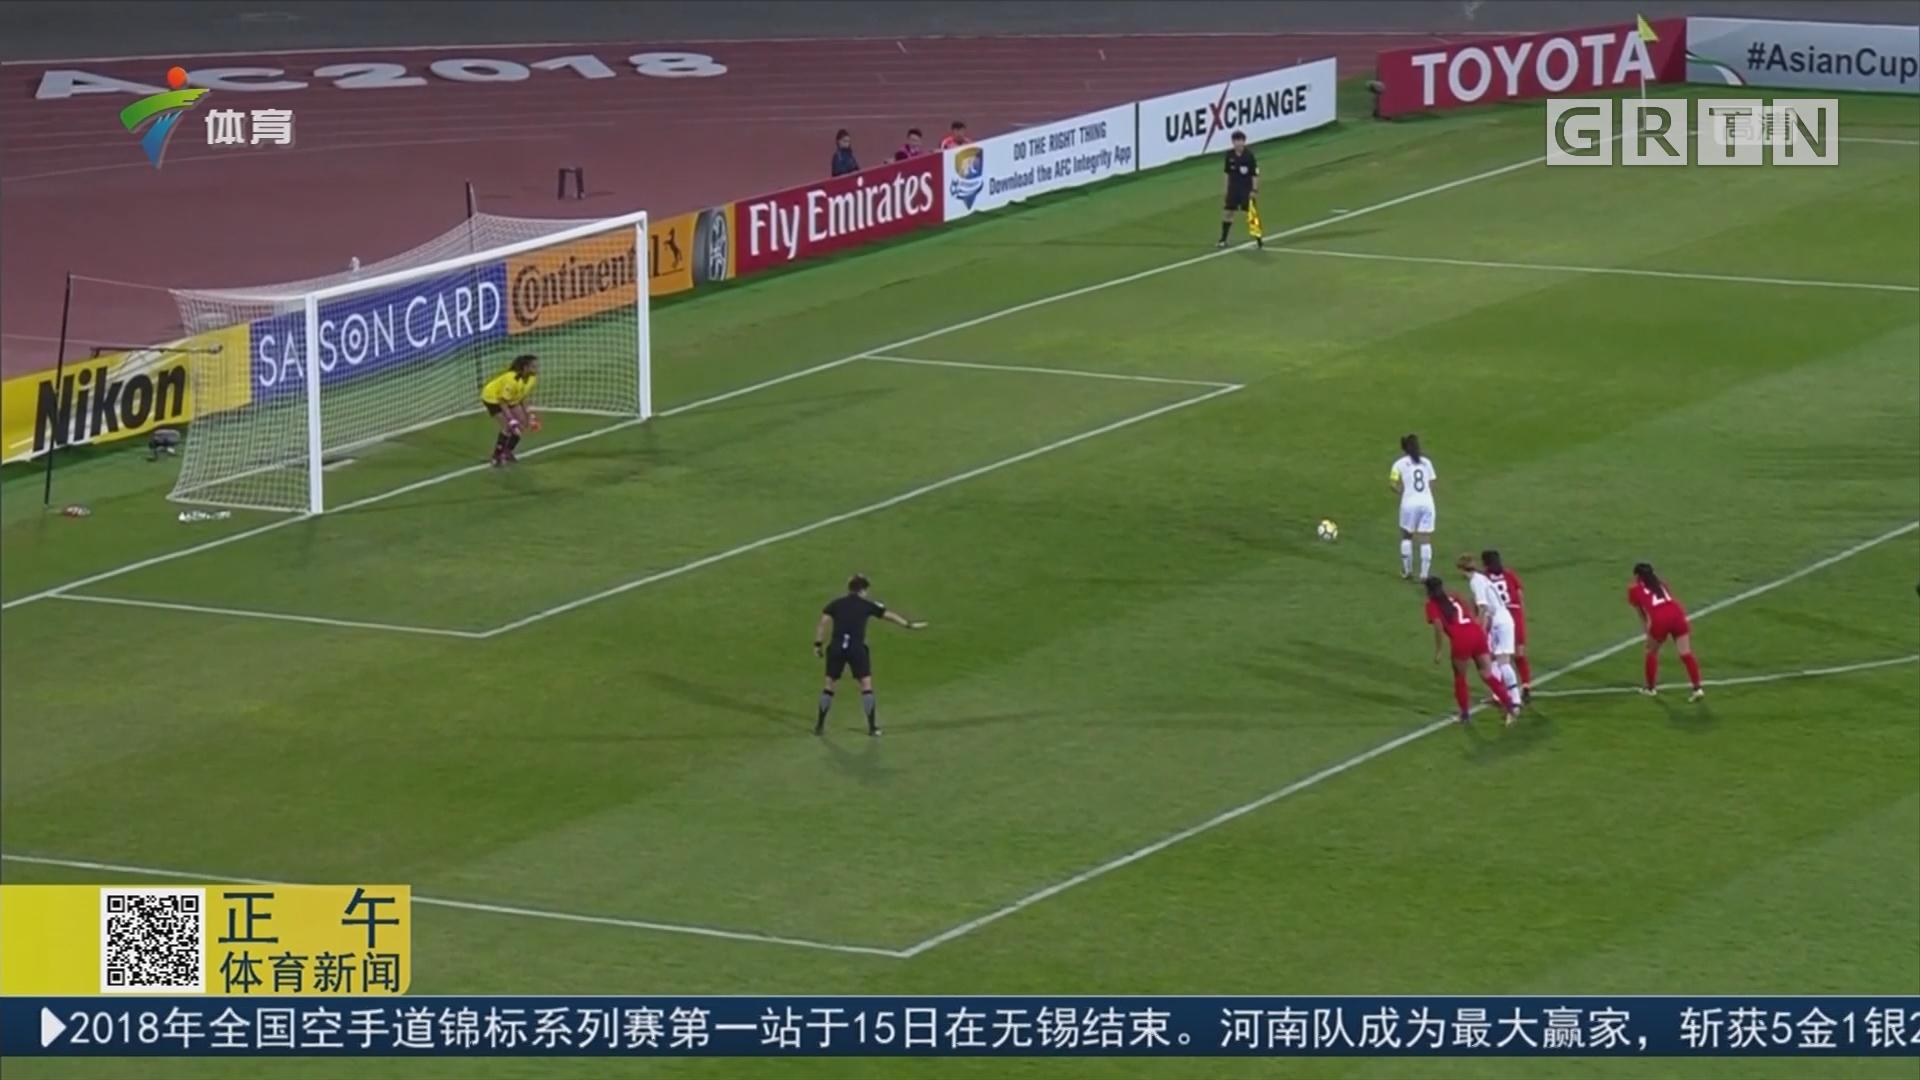 女子亚洲杯 韩国大胜菲律宾夺得第5名